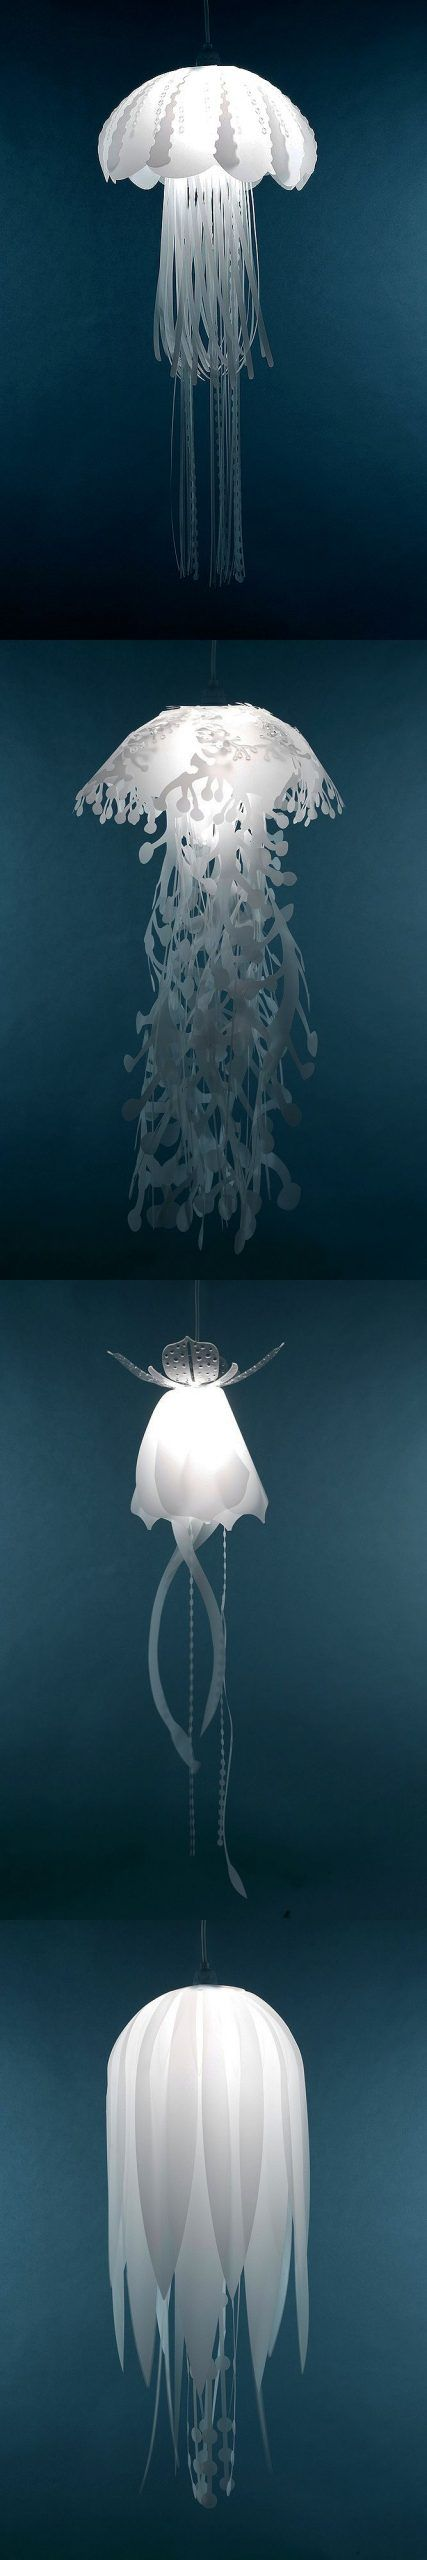 Jellyfish Lamps - Gwyl.io#gwylio #jellyfish #lamps